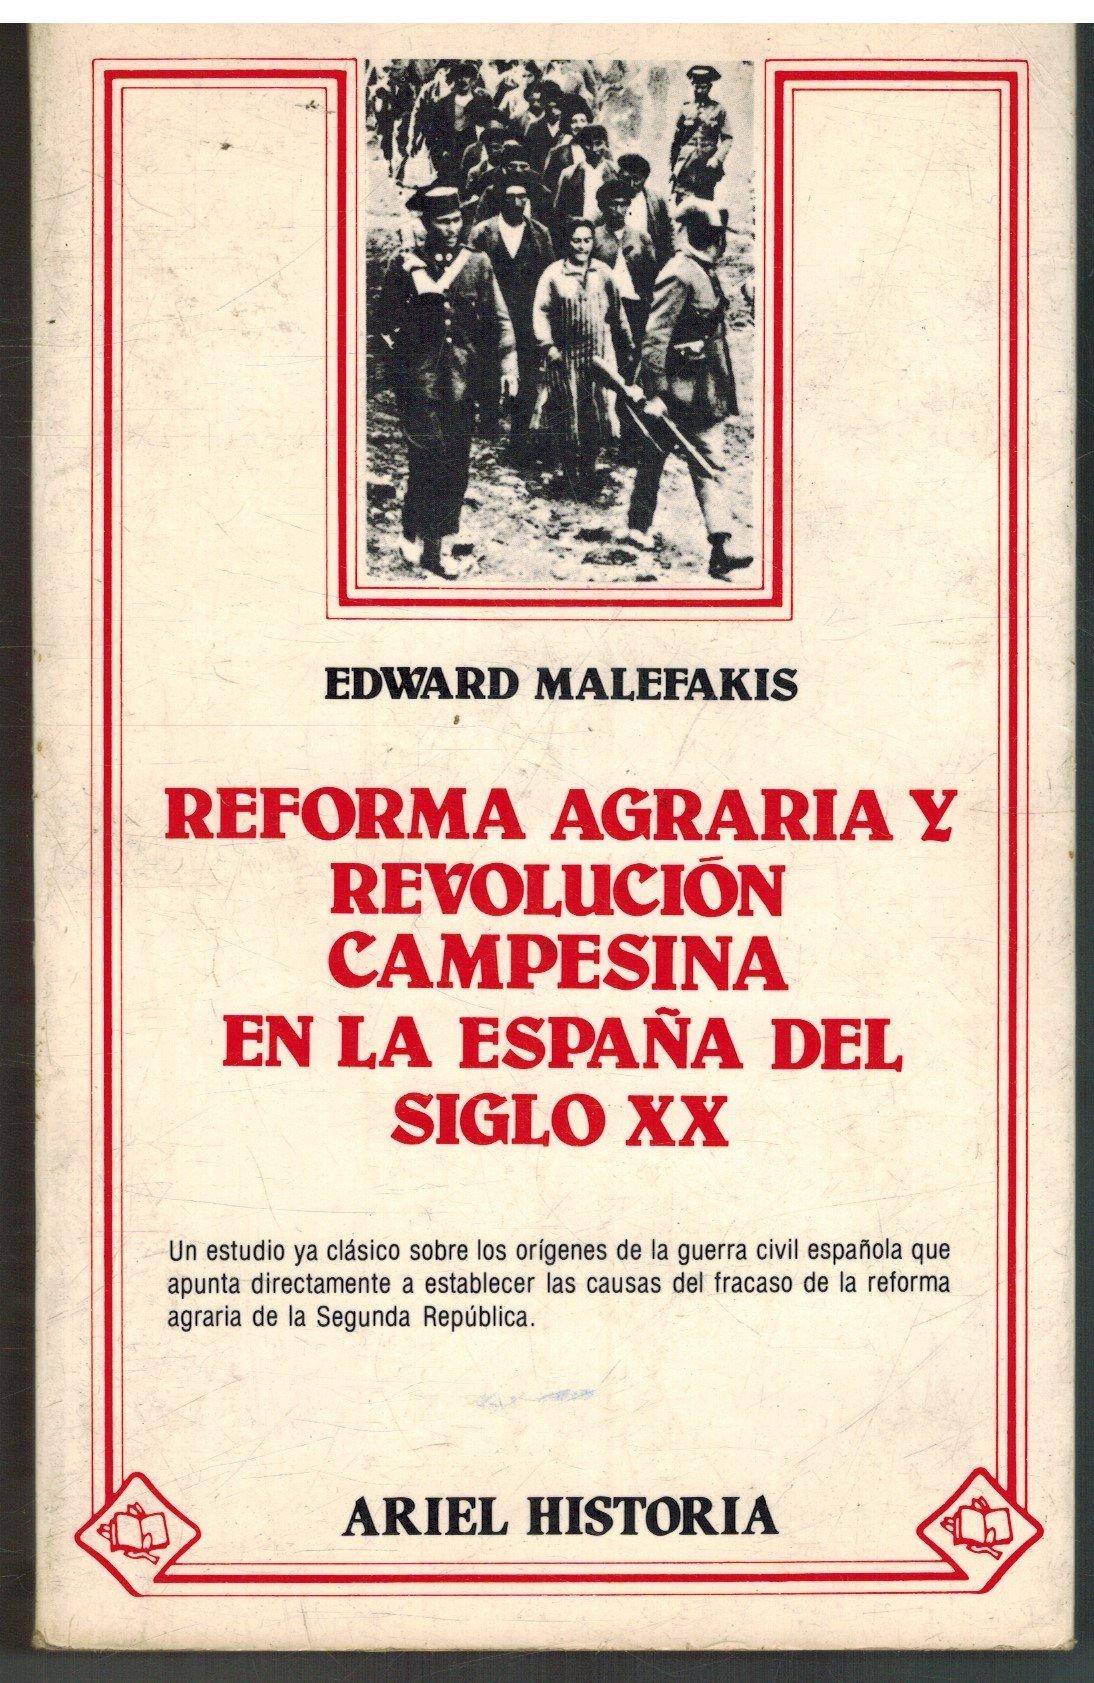 Reforma agraria y revolucion campesina en la España del siglo XX: Amazon.es: Malefakis, Edward: Libros